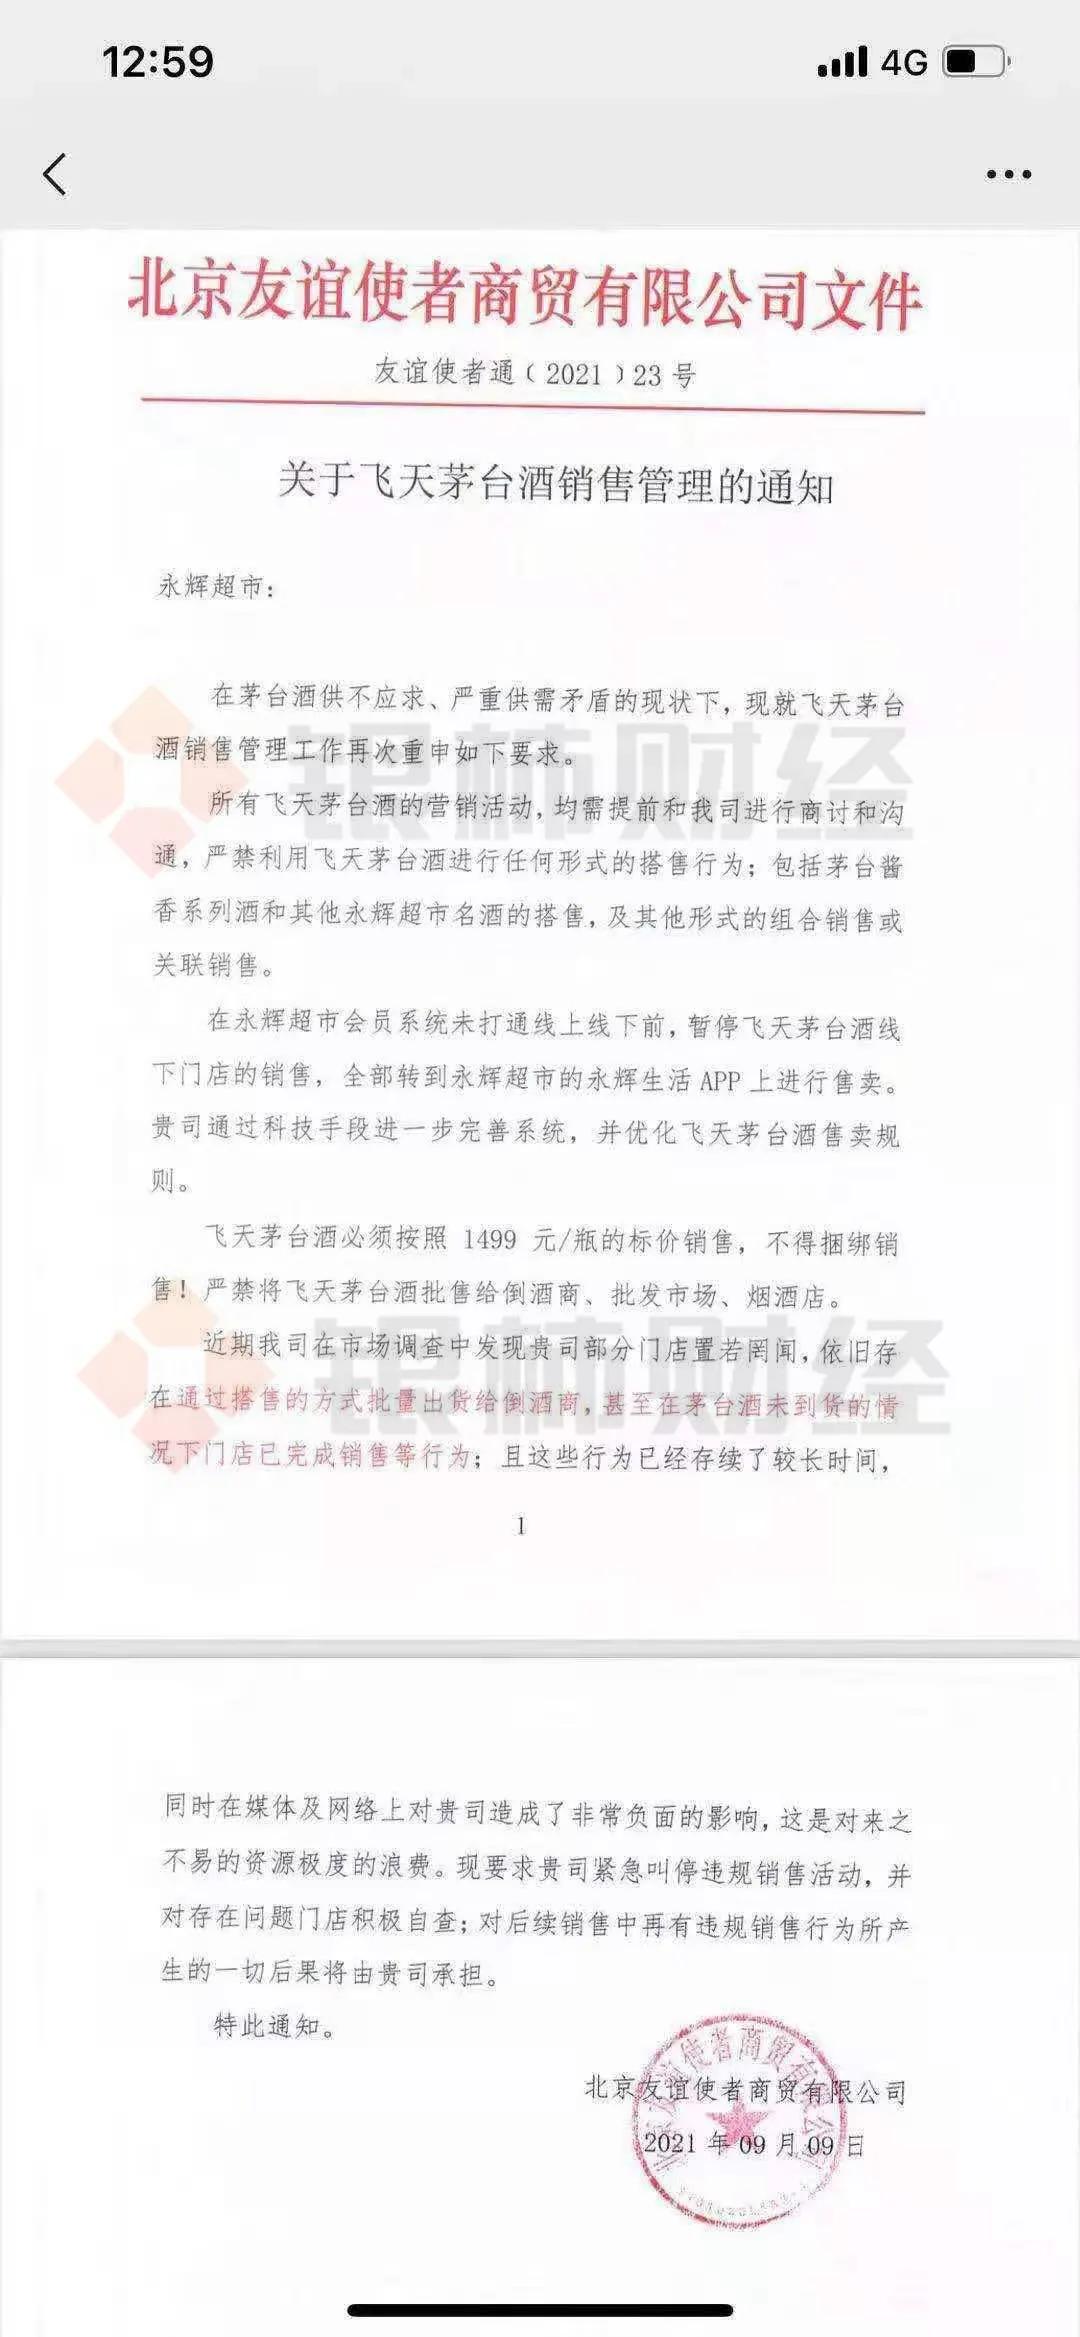 永辉超市遭茅台子公司书面警告